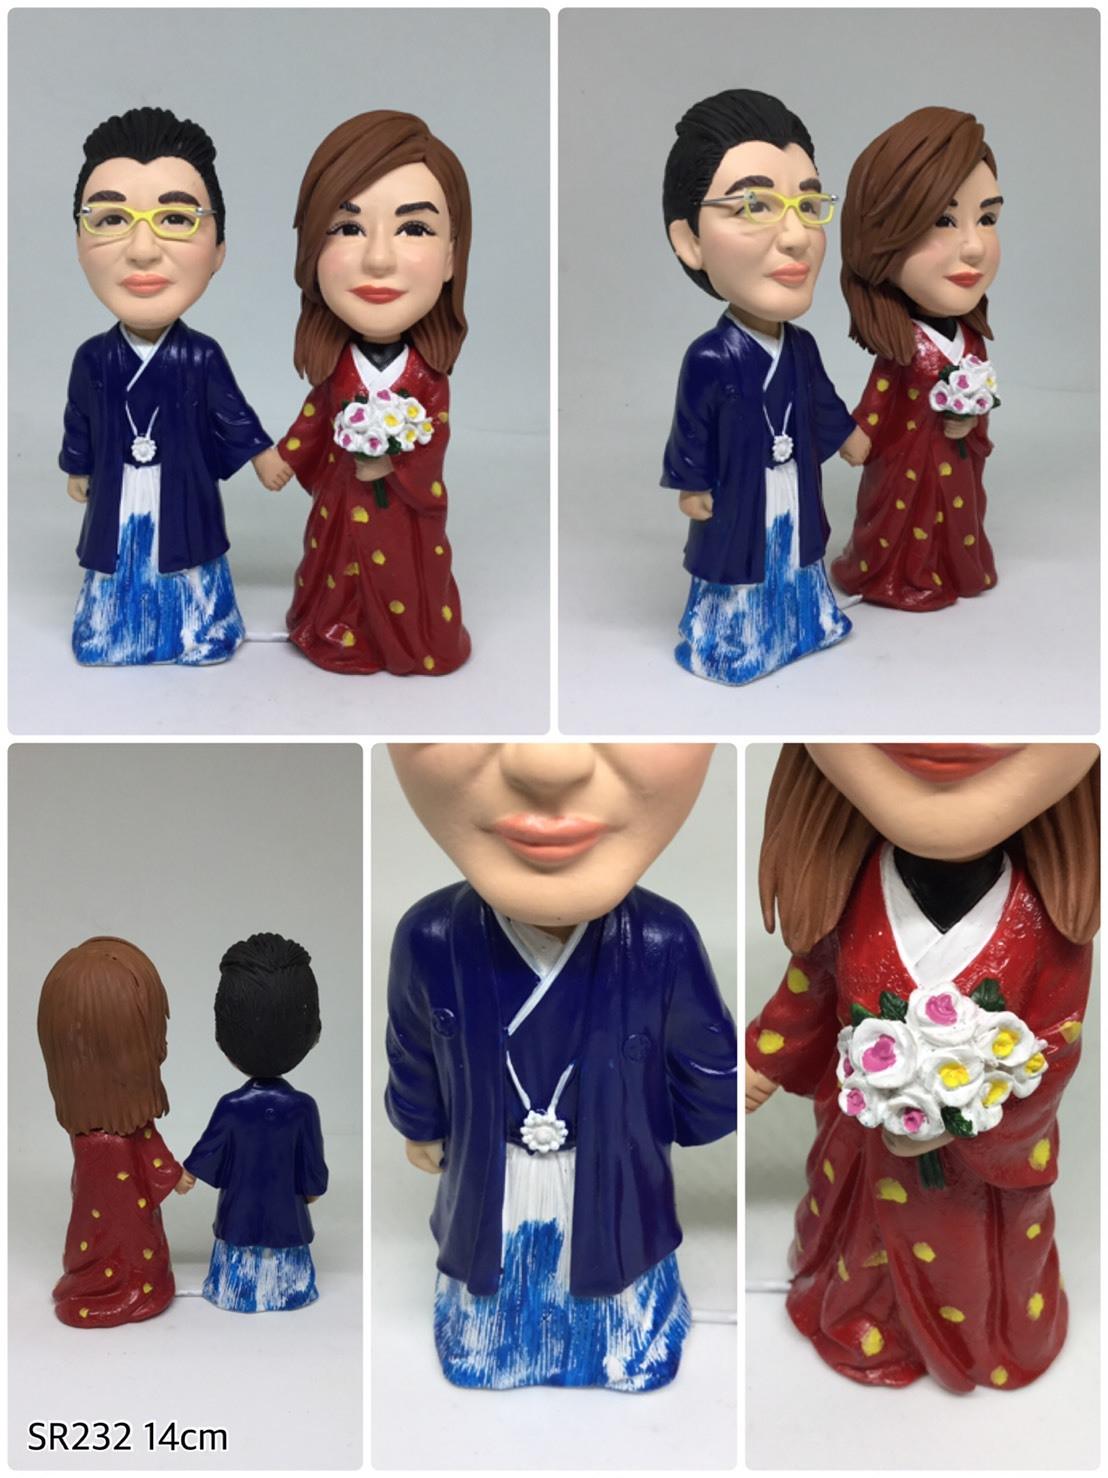 日本和服公仔娃娃